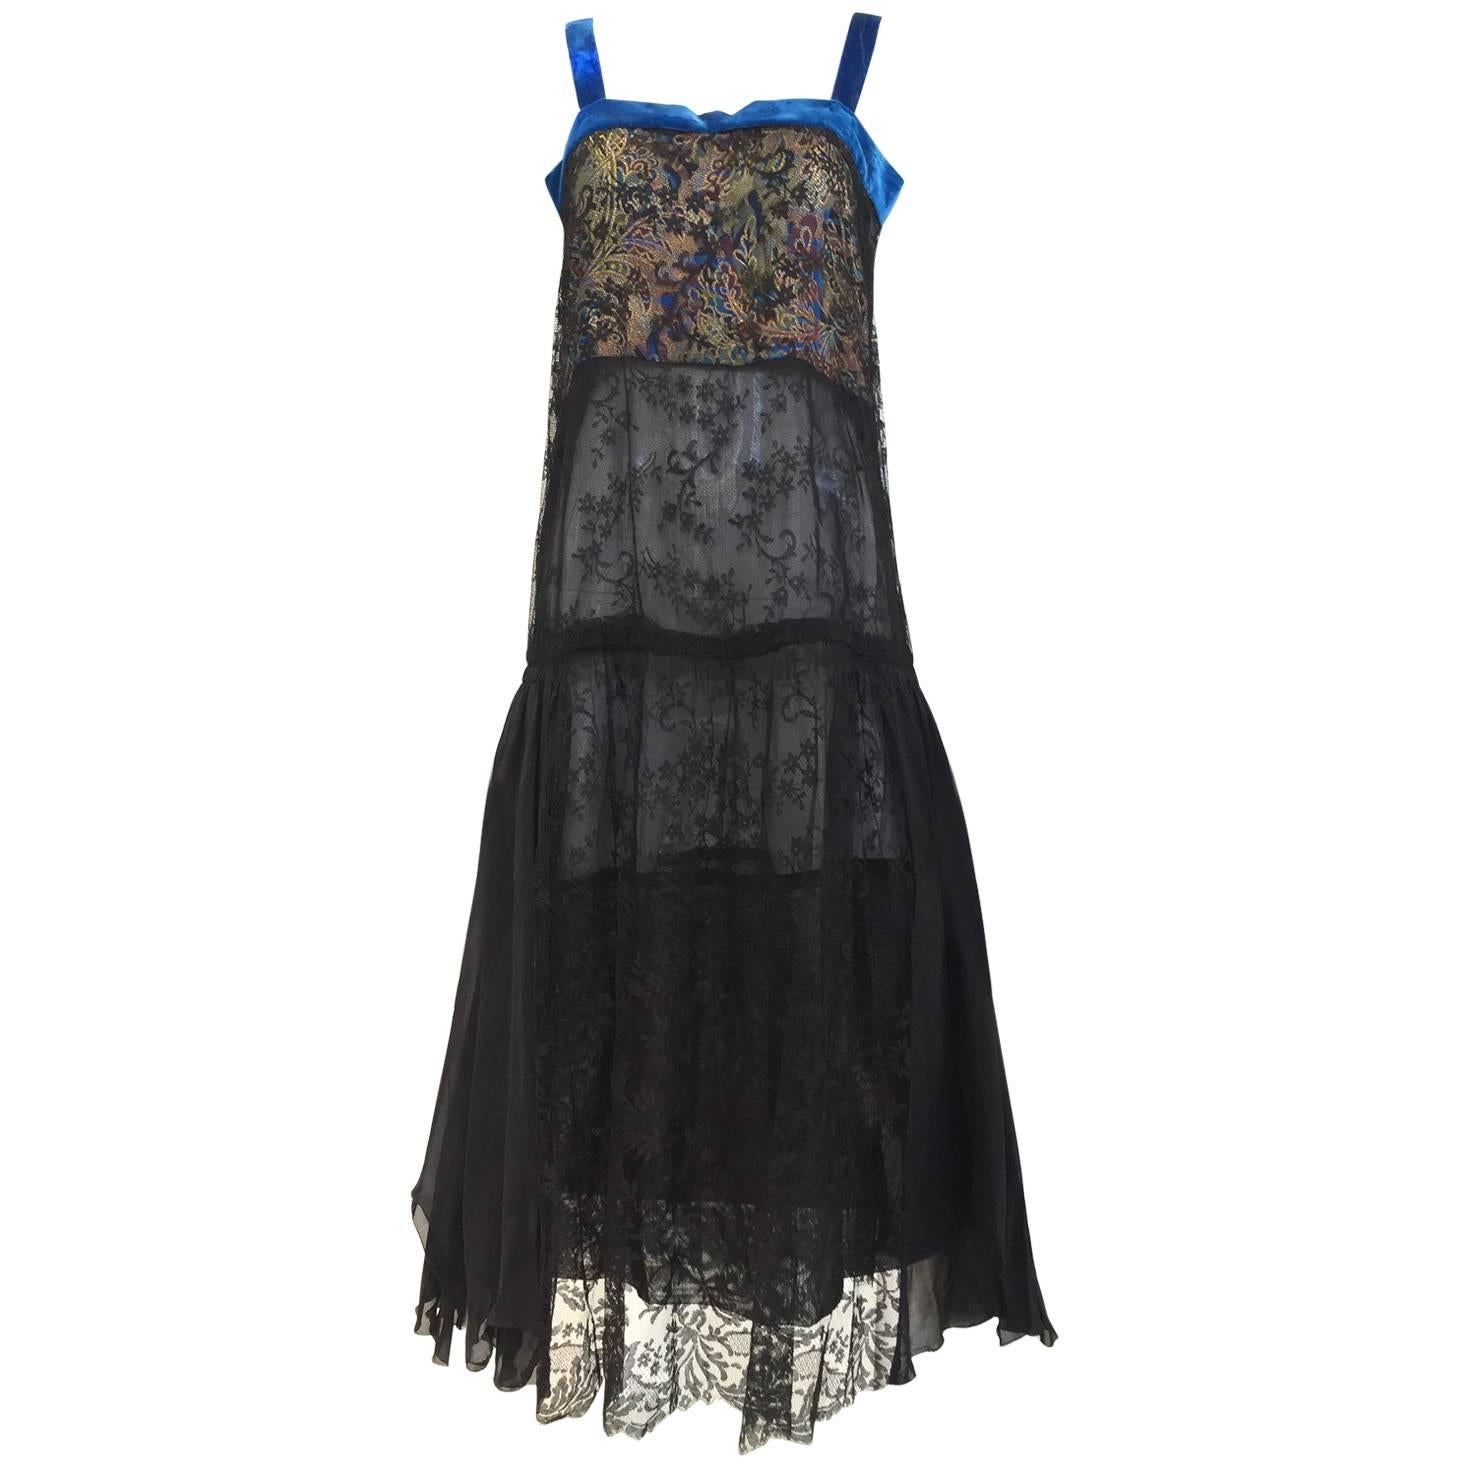 1920s art deco Black lace dress with blue velvet strap